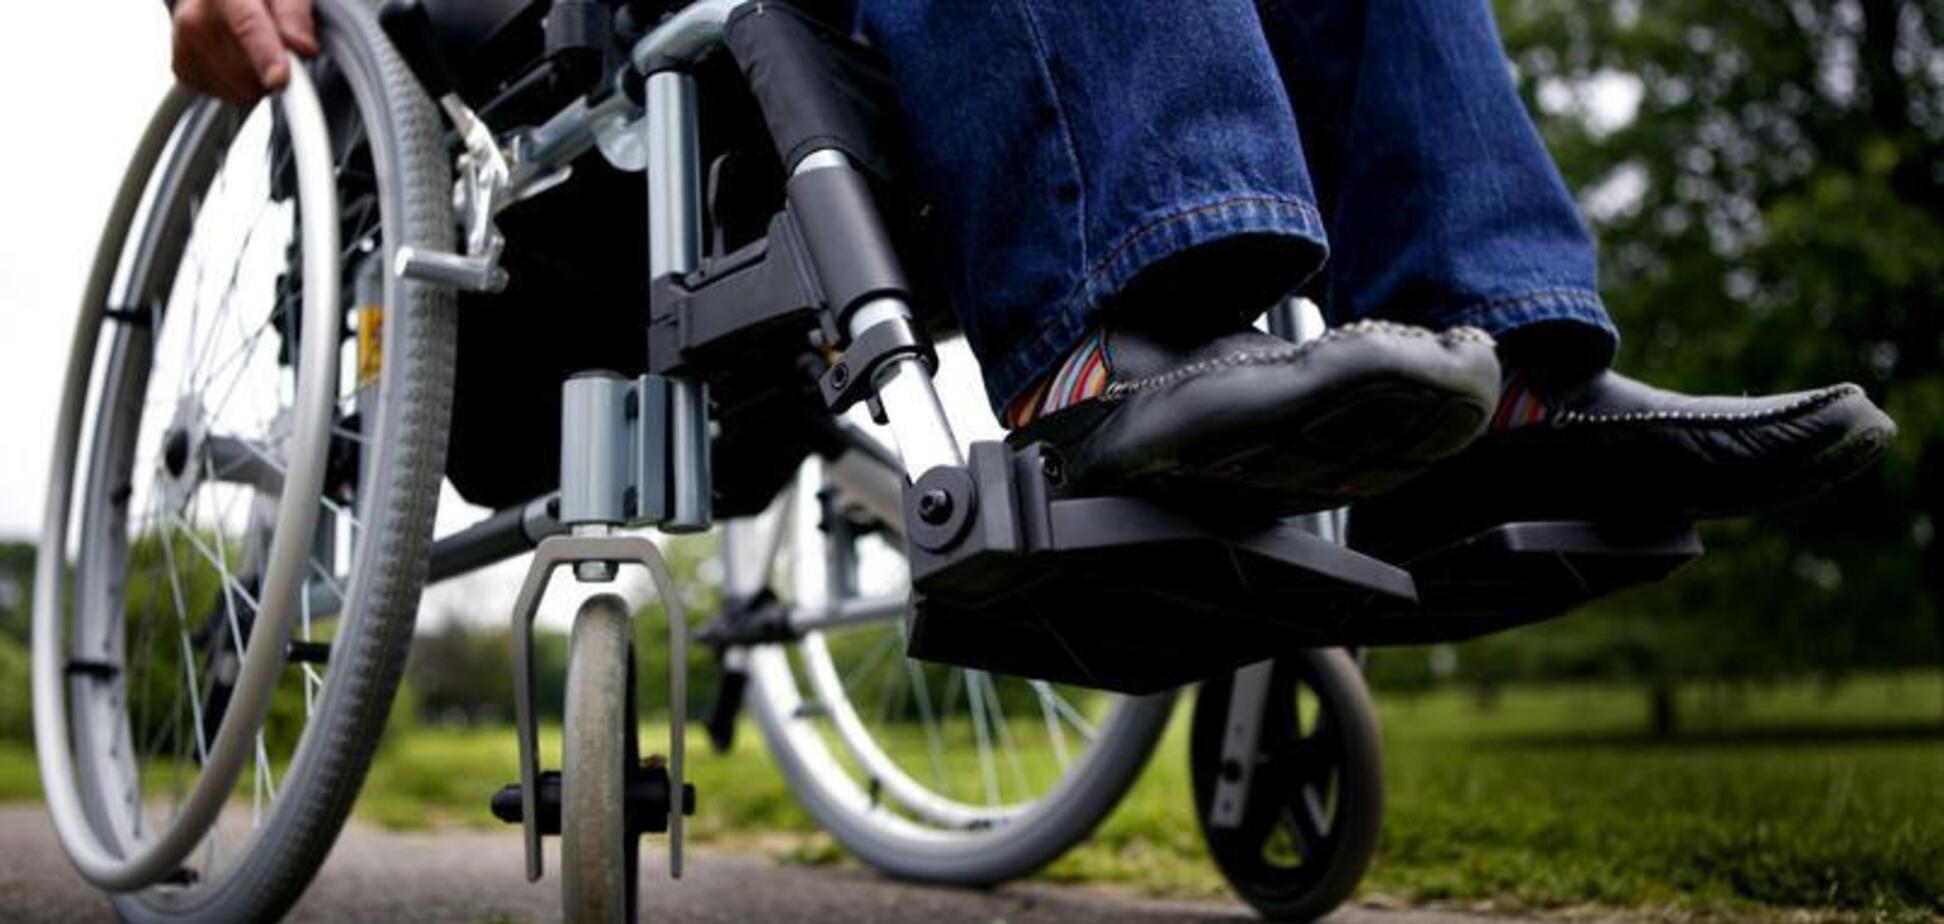 Вигнали з криками: в Дніпрі чоловіку в колясці відмовили в проїзді